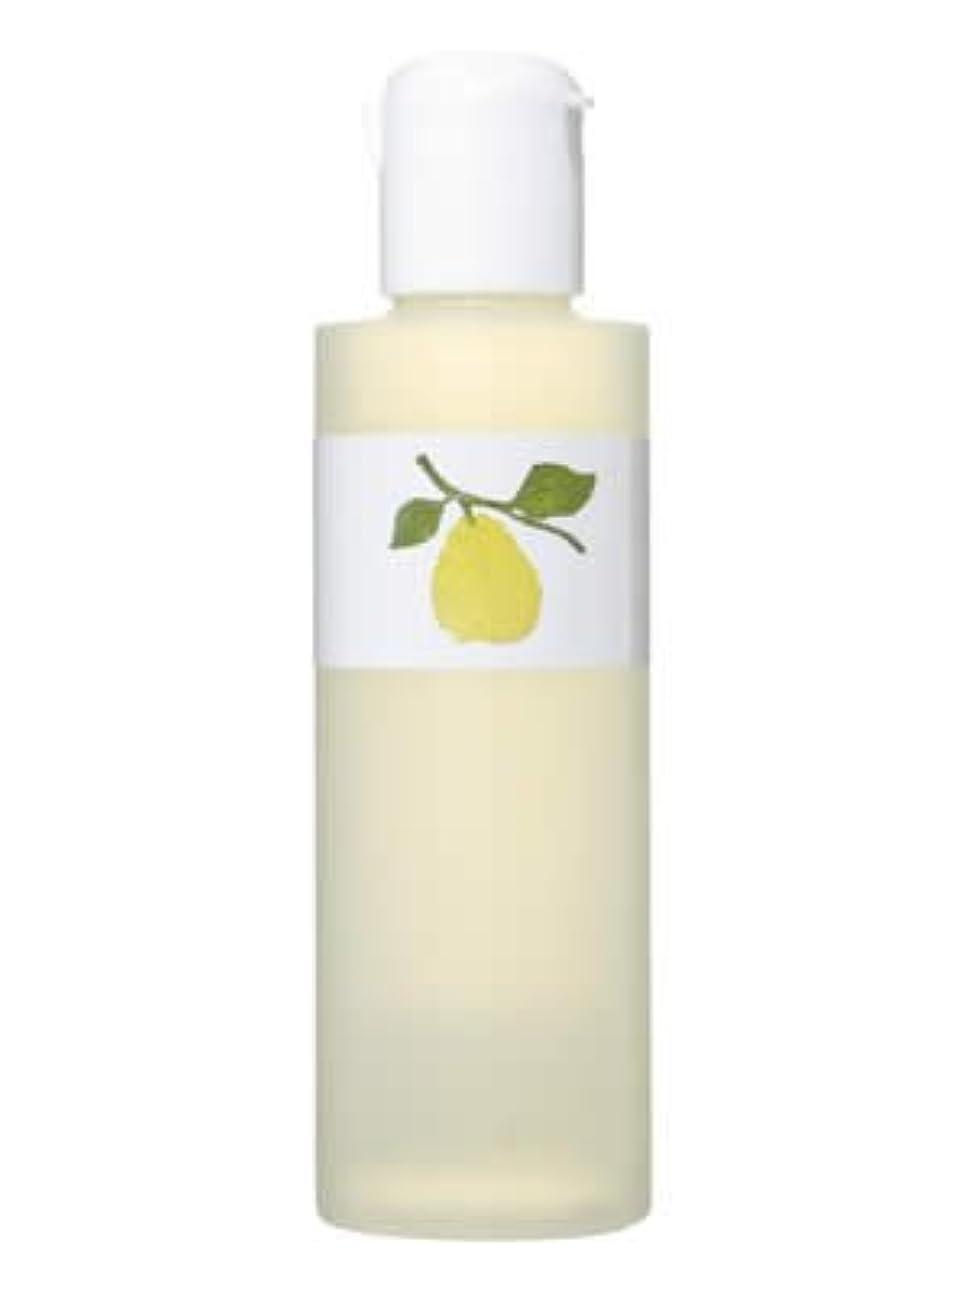 ライド運ぶどのくらいの頻度で花梨の化粧水 200ml